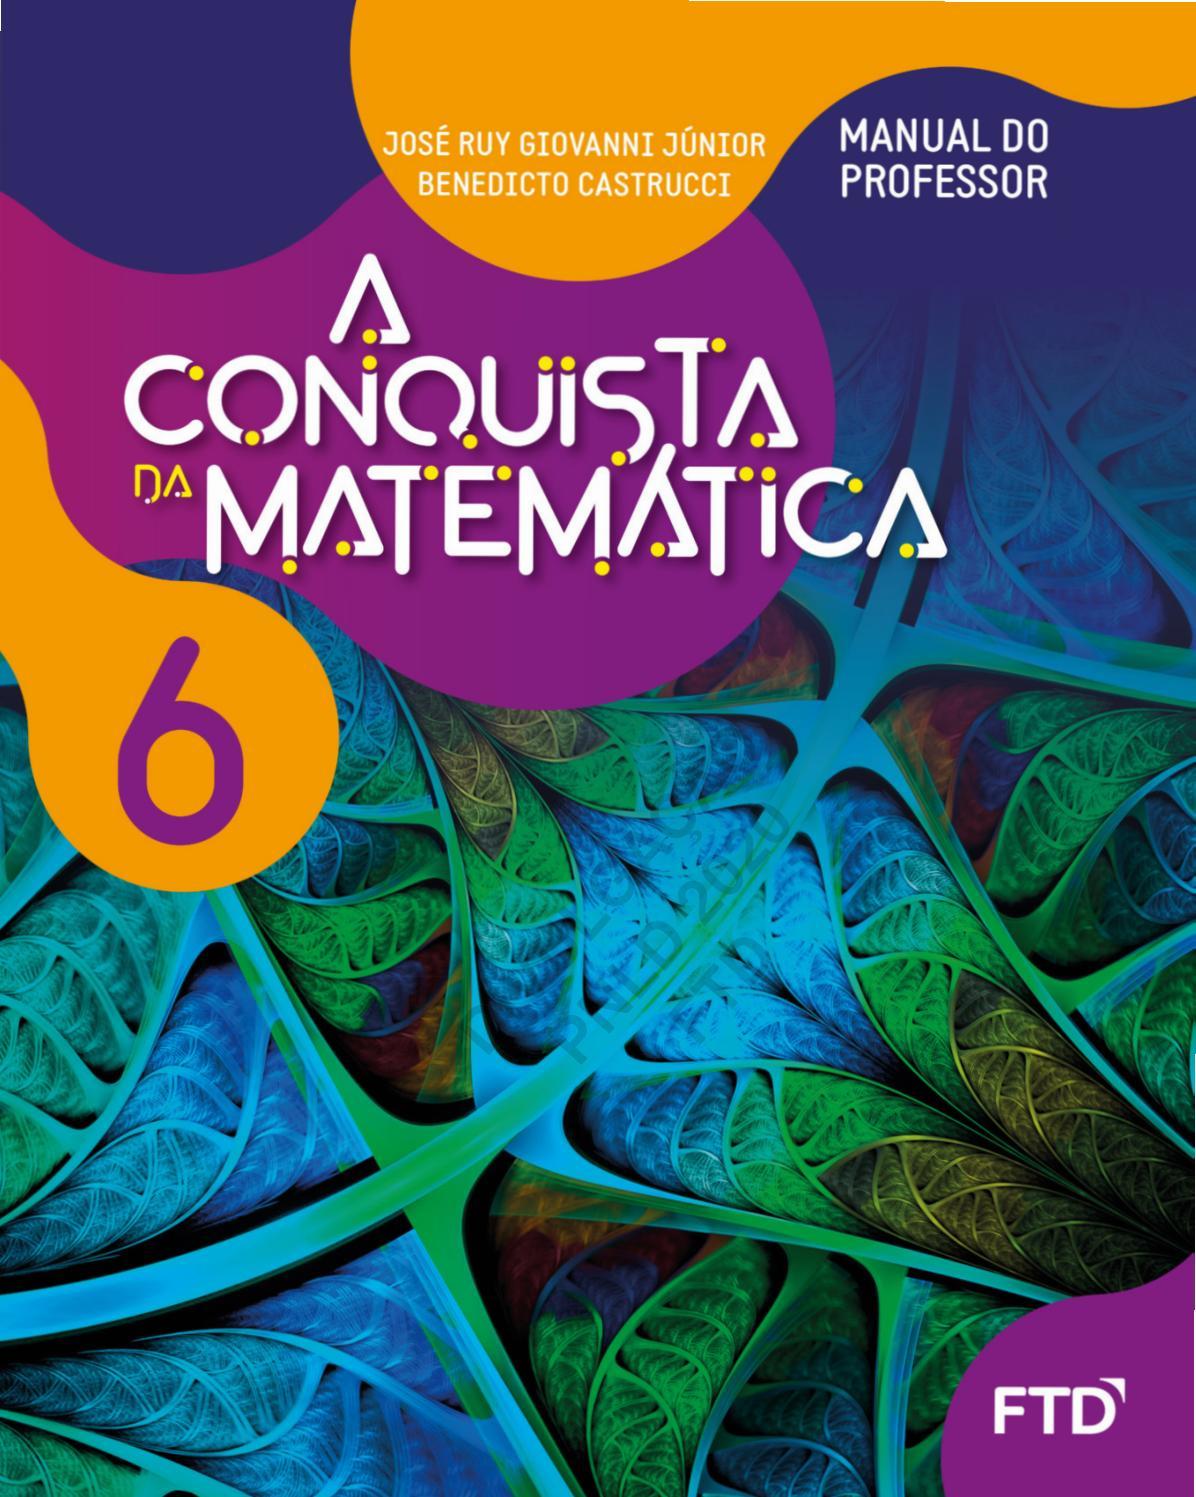 Matematica Conquista 6 By Editora Ftd Issuu